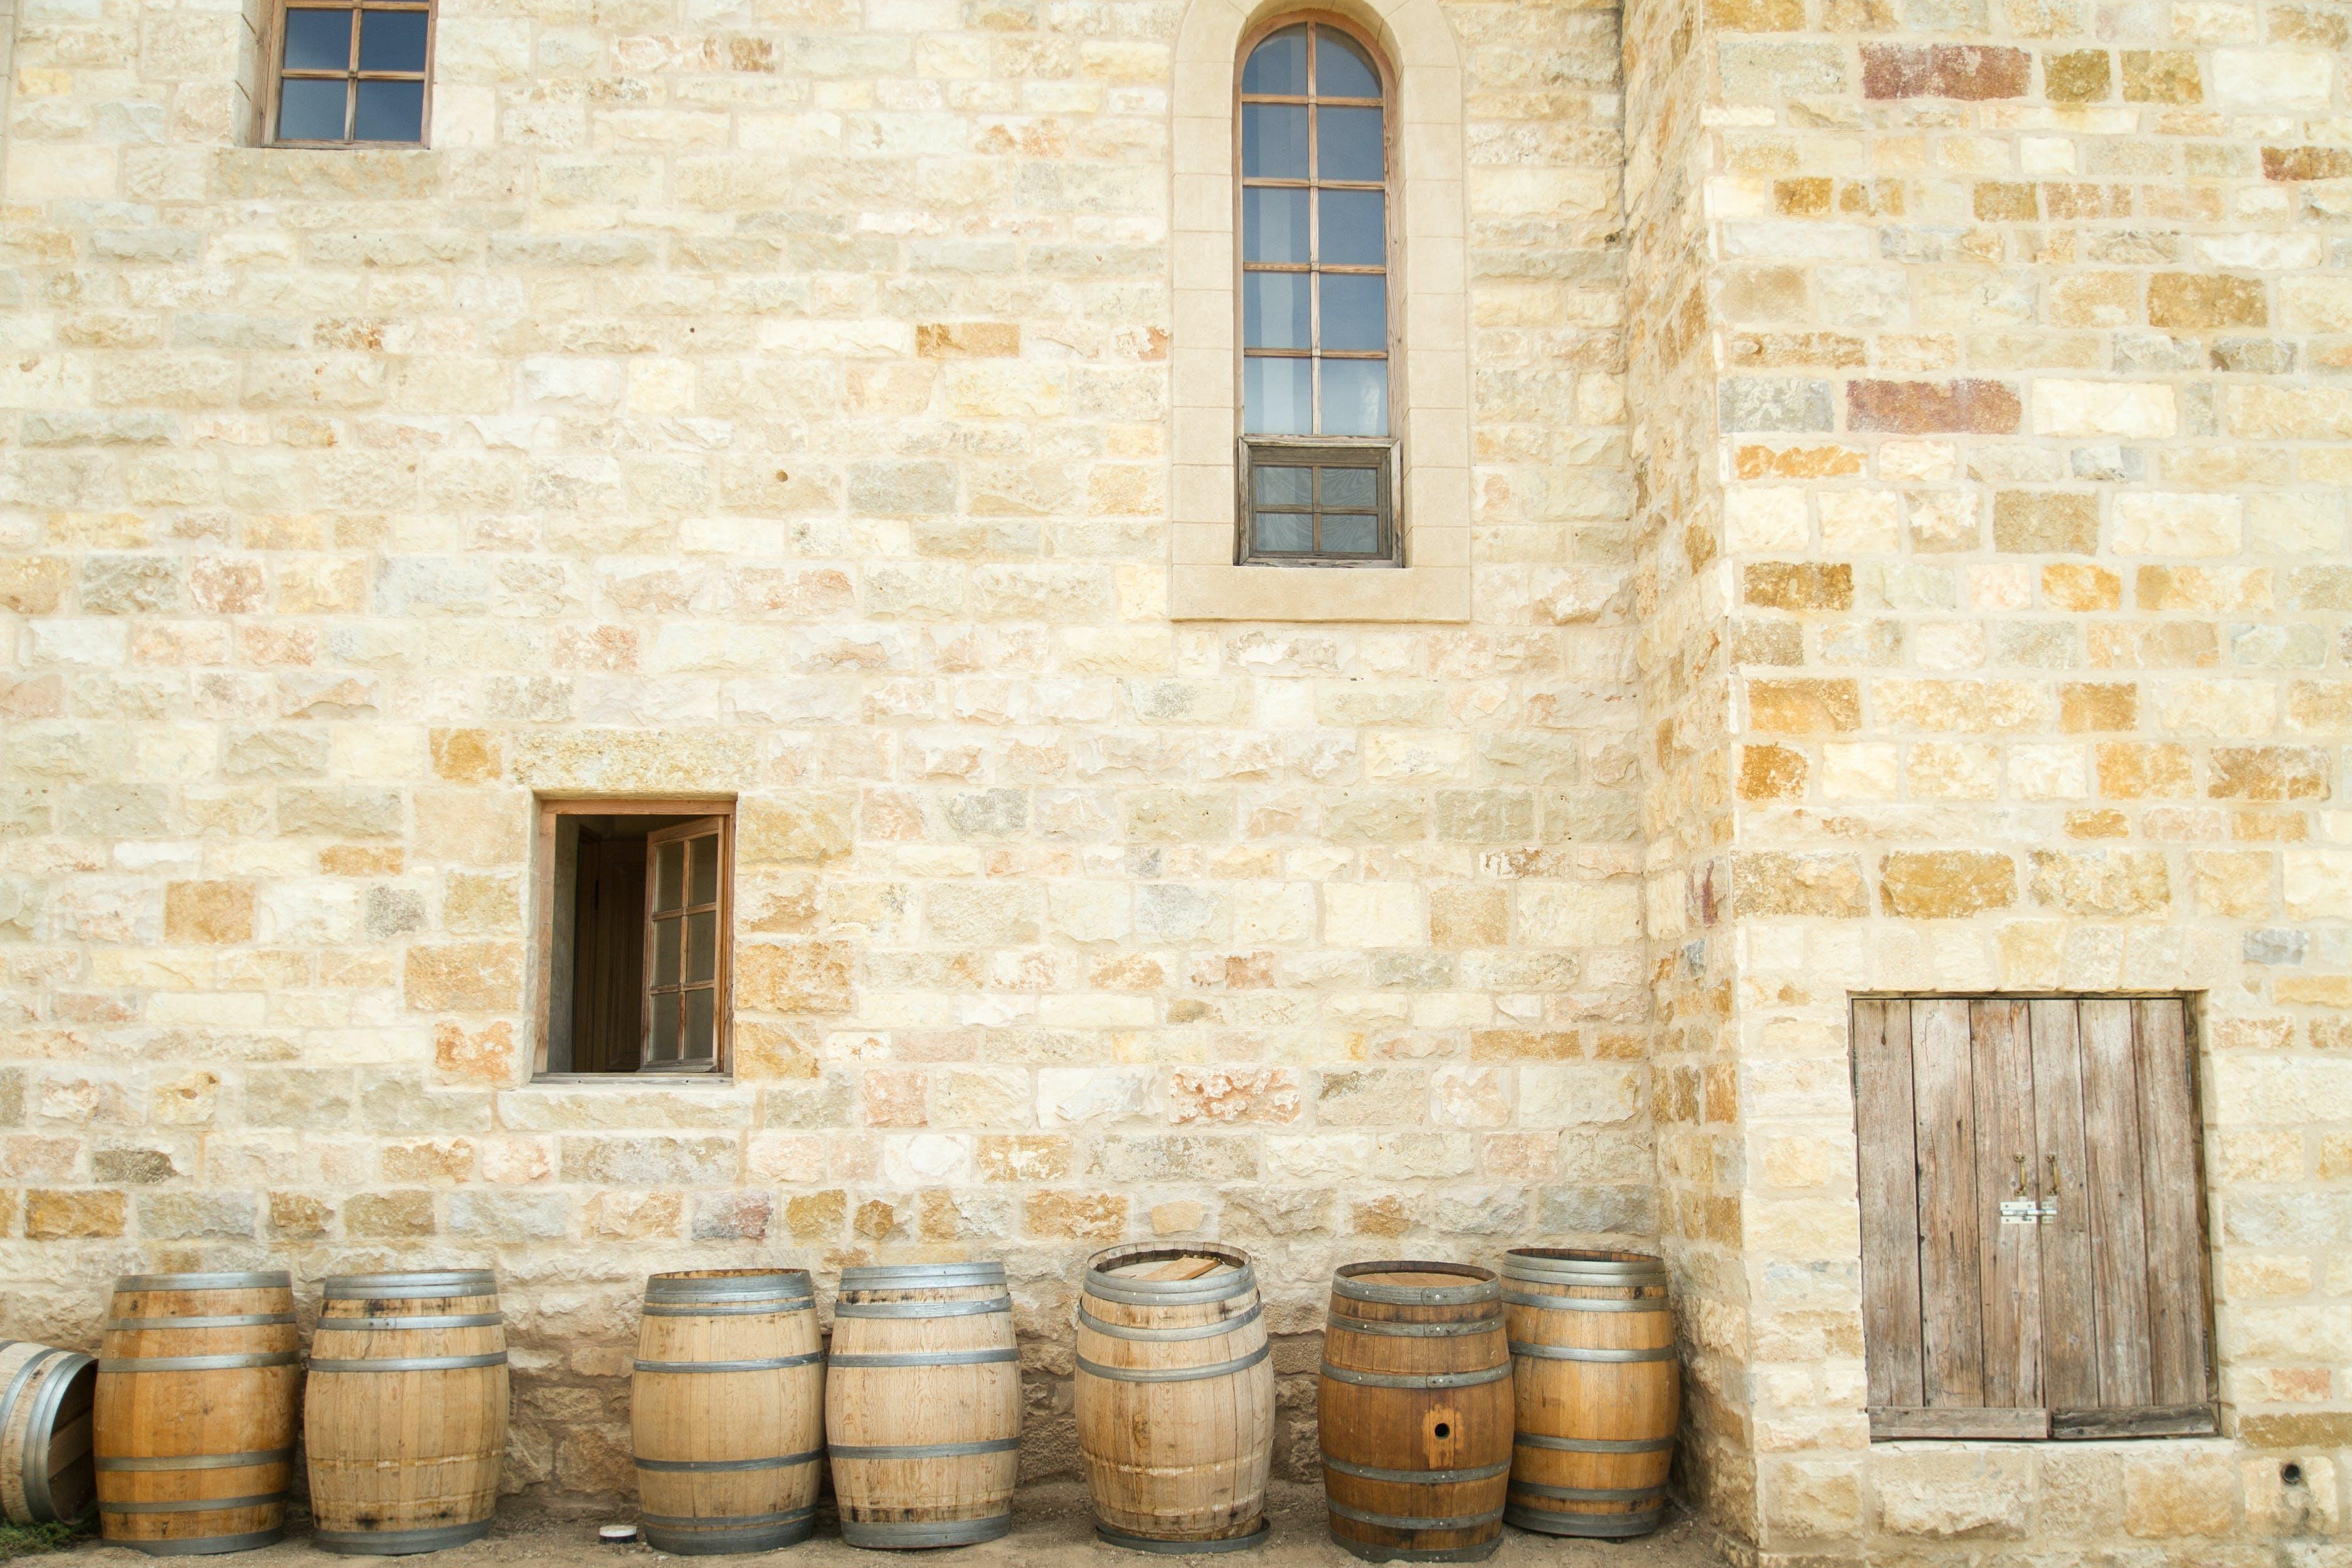 Wooden Barrels Beside Shingle Wall